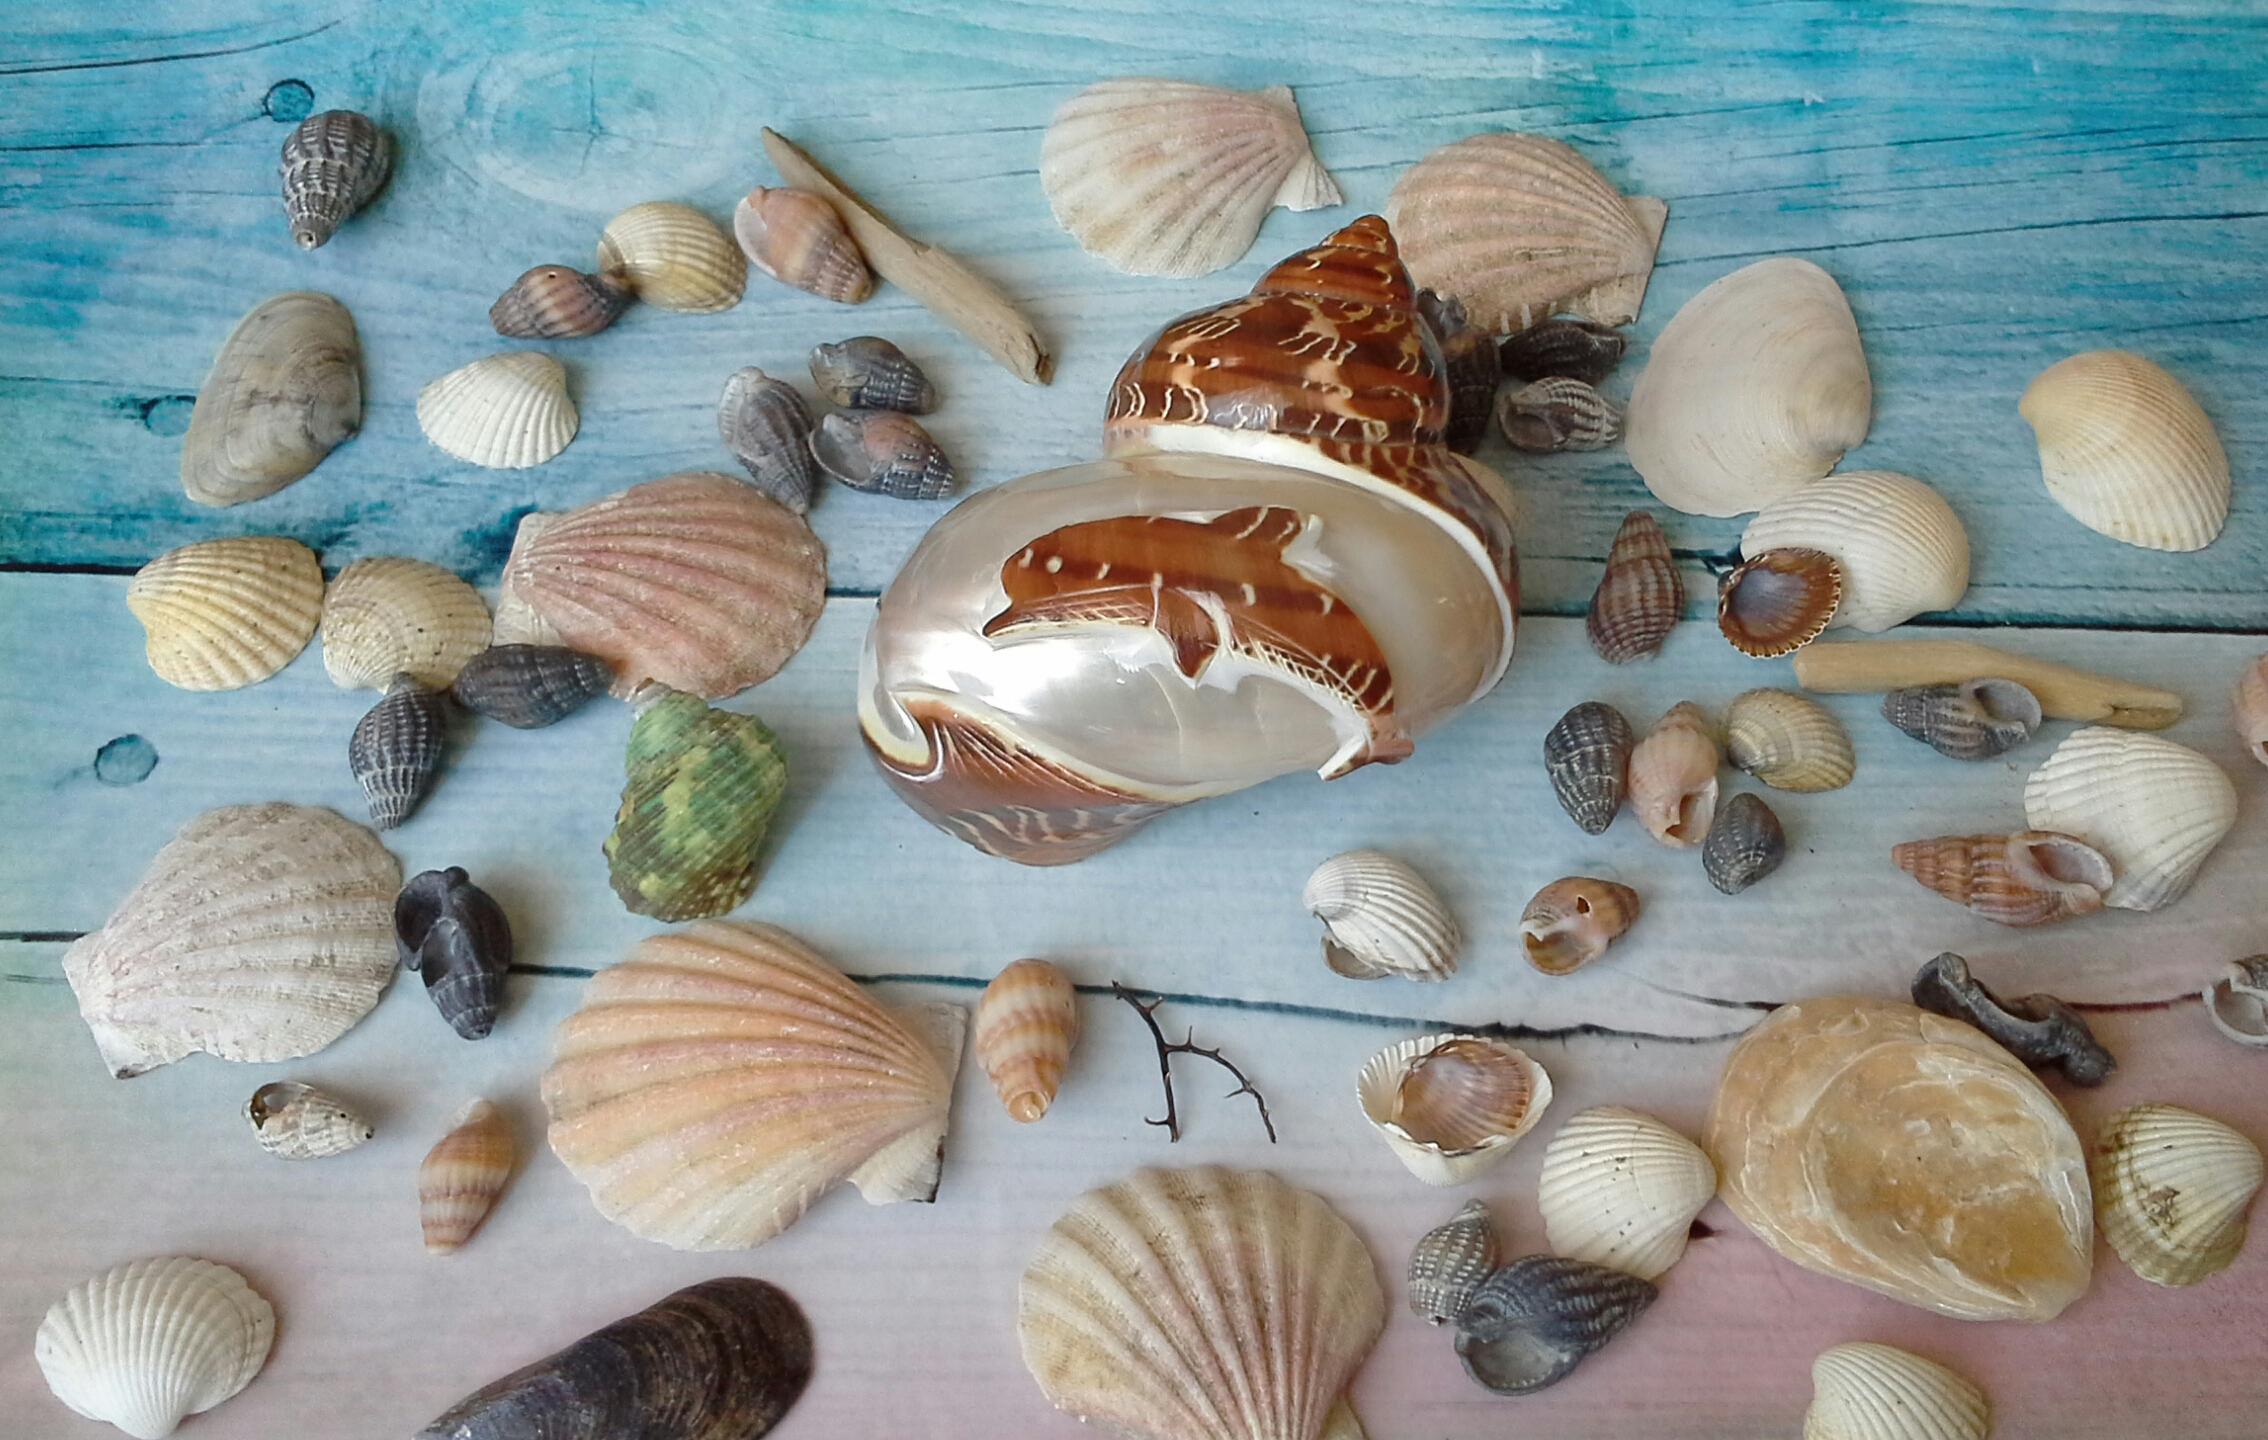 Морской натуральный декор. Кораллы и ракушки.